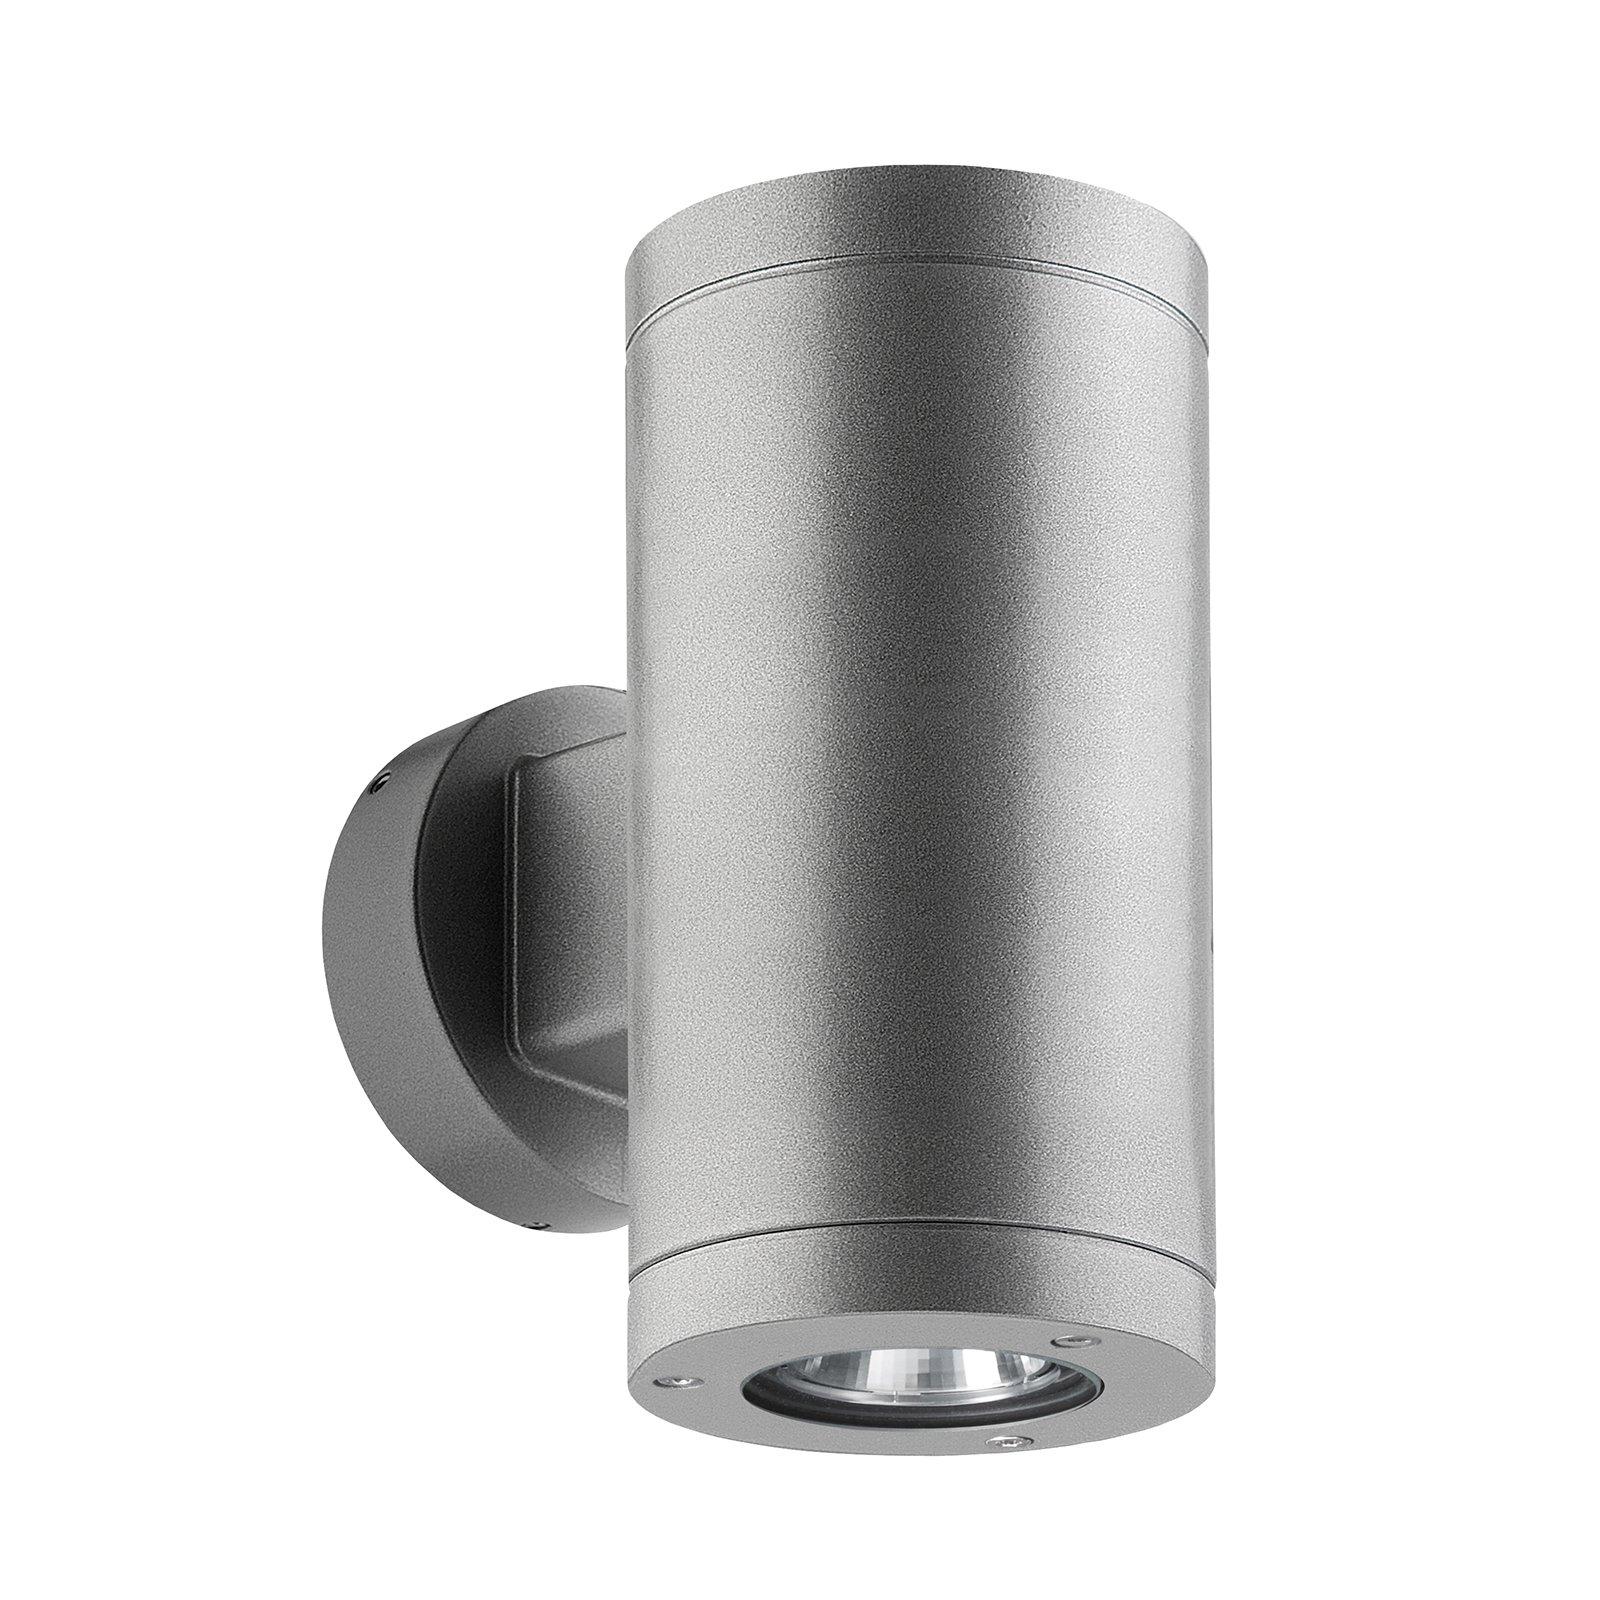 1066 up/down utendørs LED-vegglampe, sølv 14°/54°